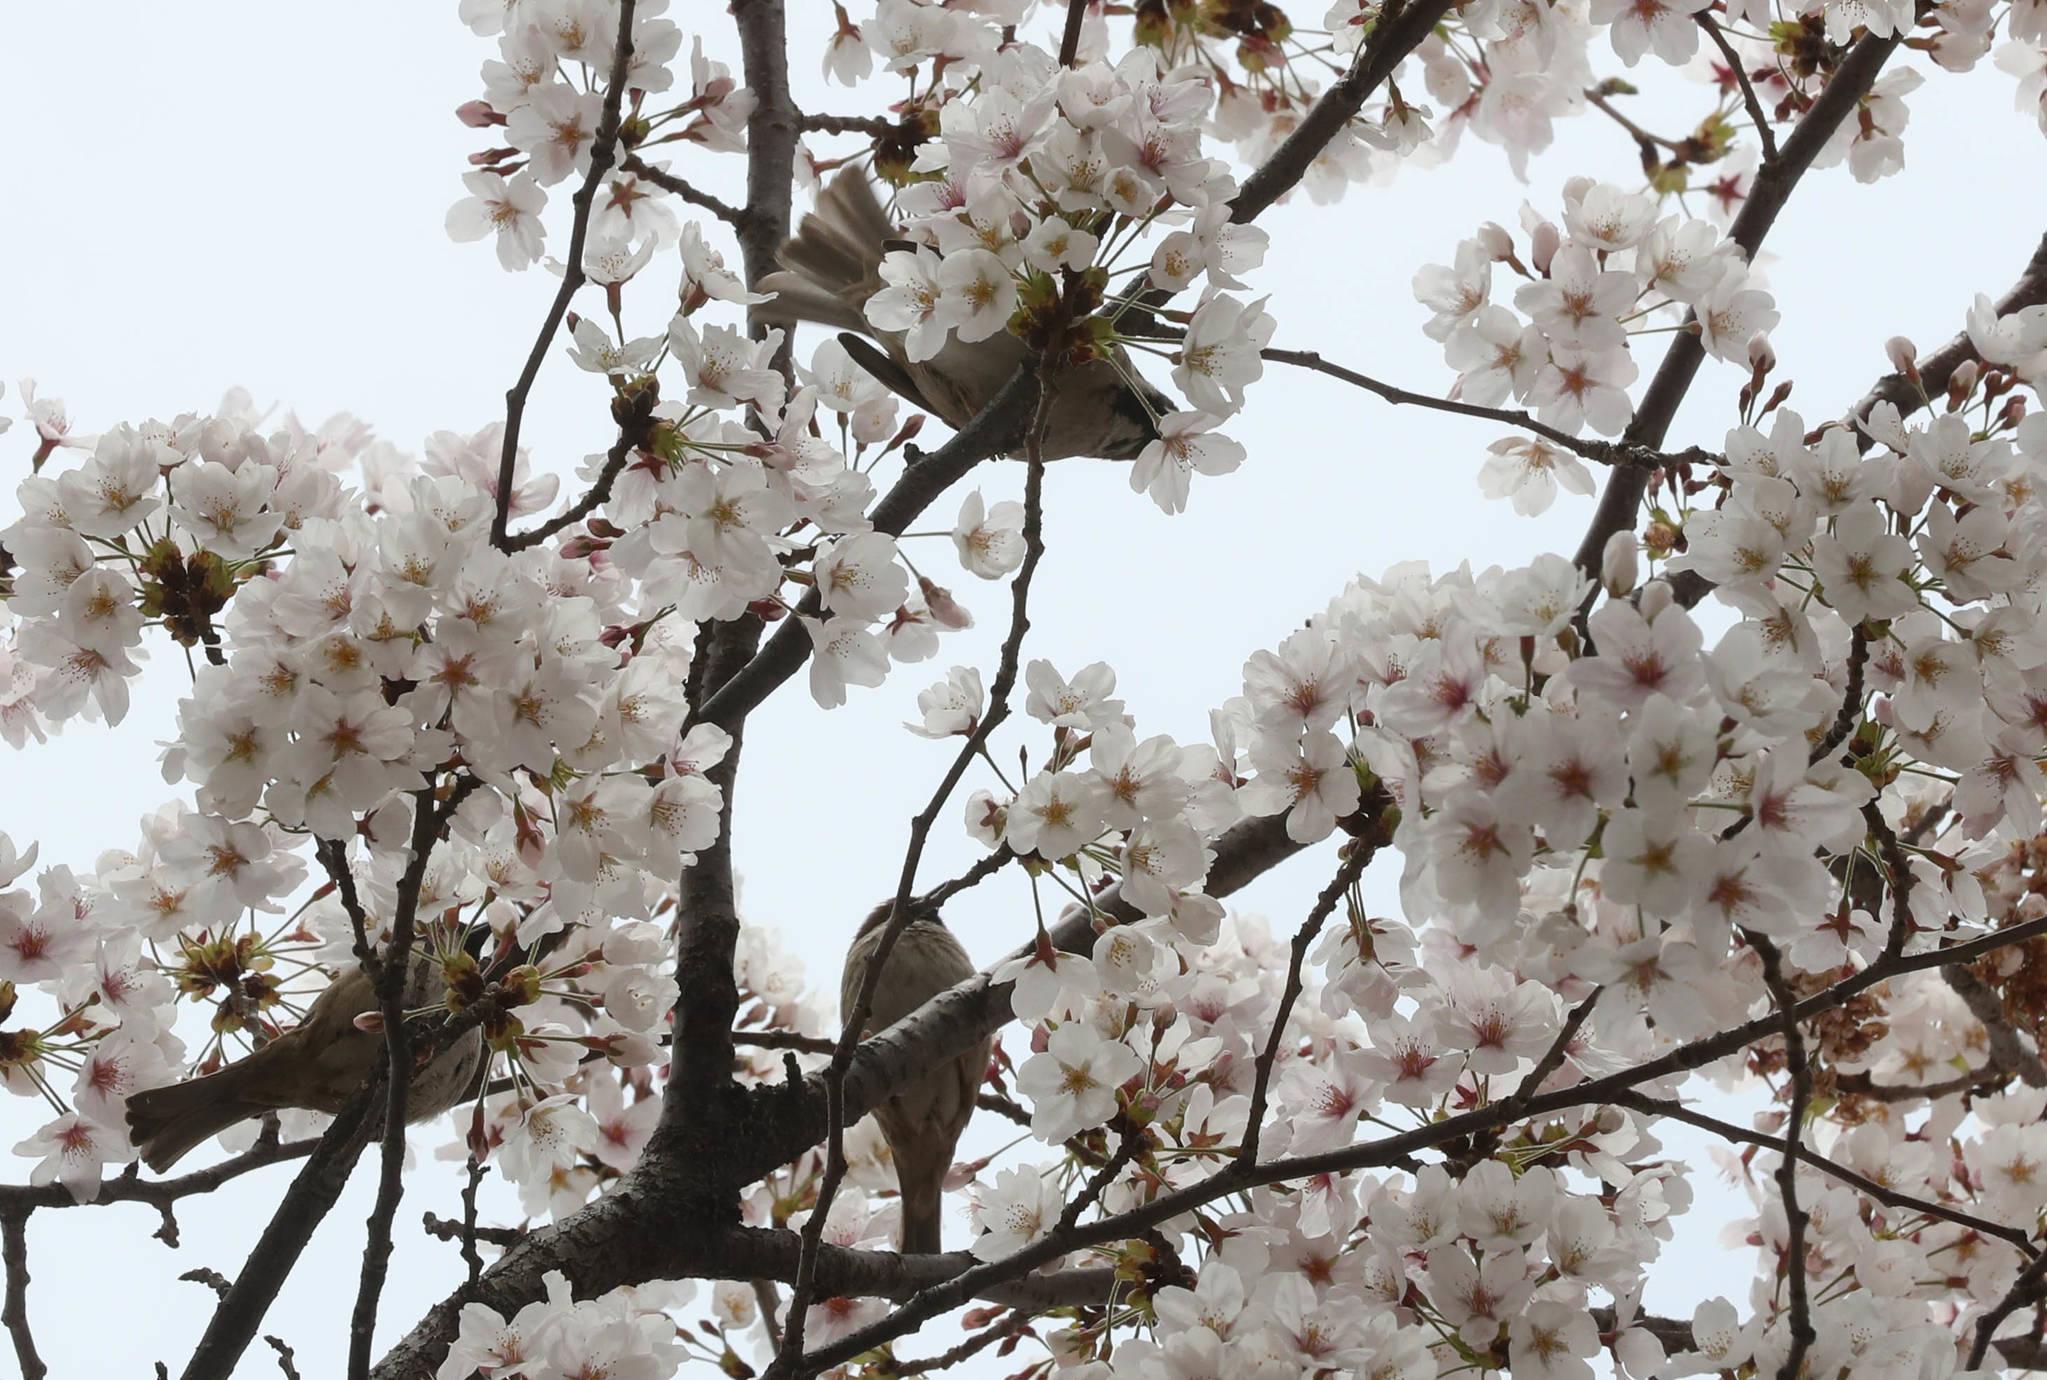 합정동 당인리 발전소에서 상수동으로 이어지는 길 가로수도 벚나무다. 7일 현재 벚꽃이 만발했다. 발전소 이미지와 달리 조용한 거리에 새소리도 만끽할 수 있다.강정현 기자